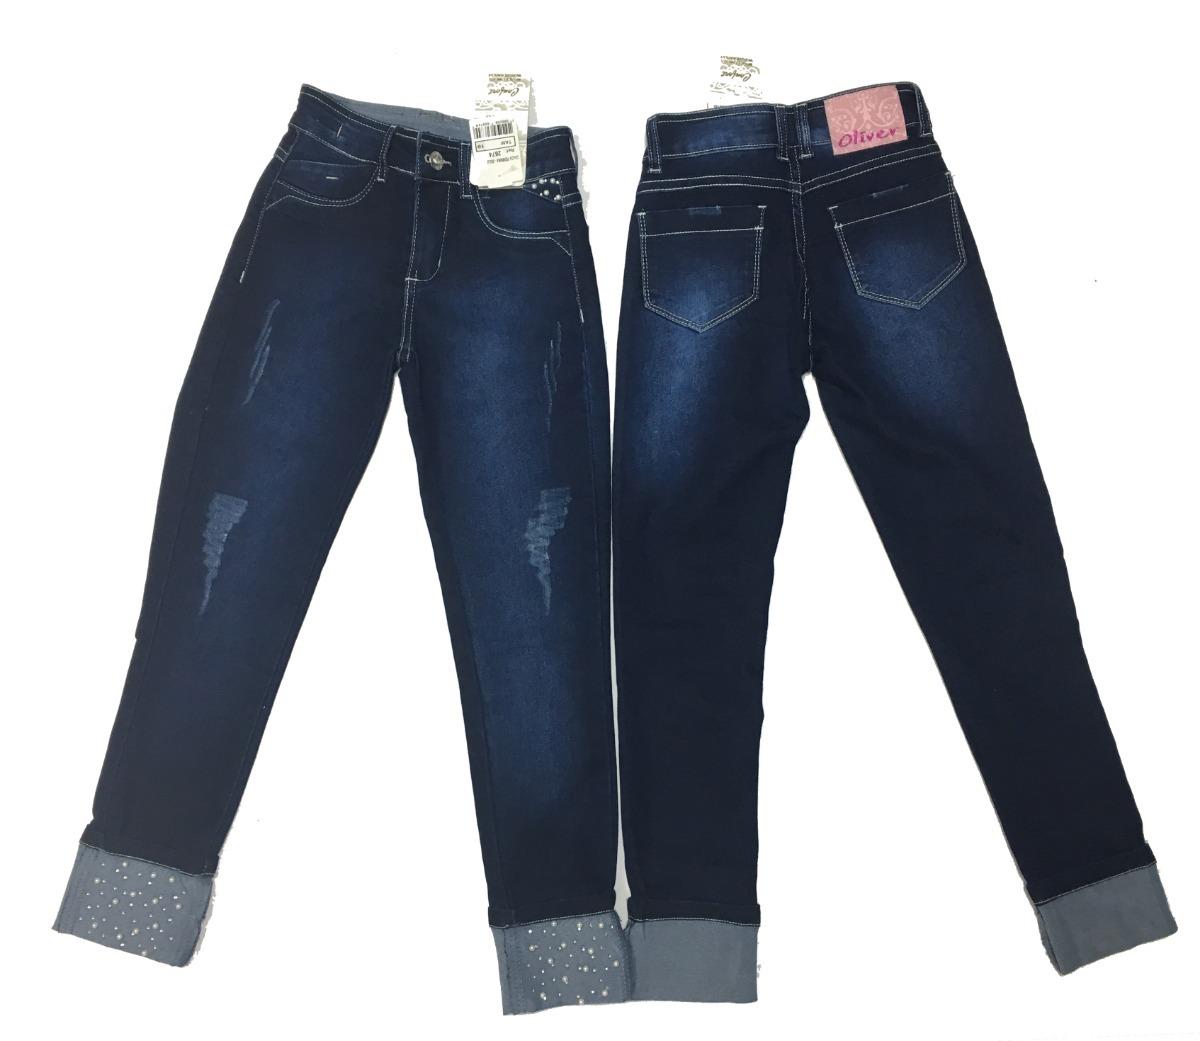 81f9c0c43 Calça Jeans Feminina Juvenil Com Strass E Perolas Ref:2674 - R$ 44 ...